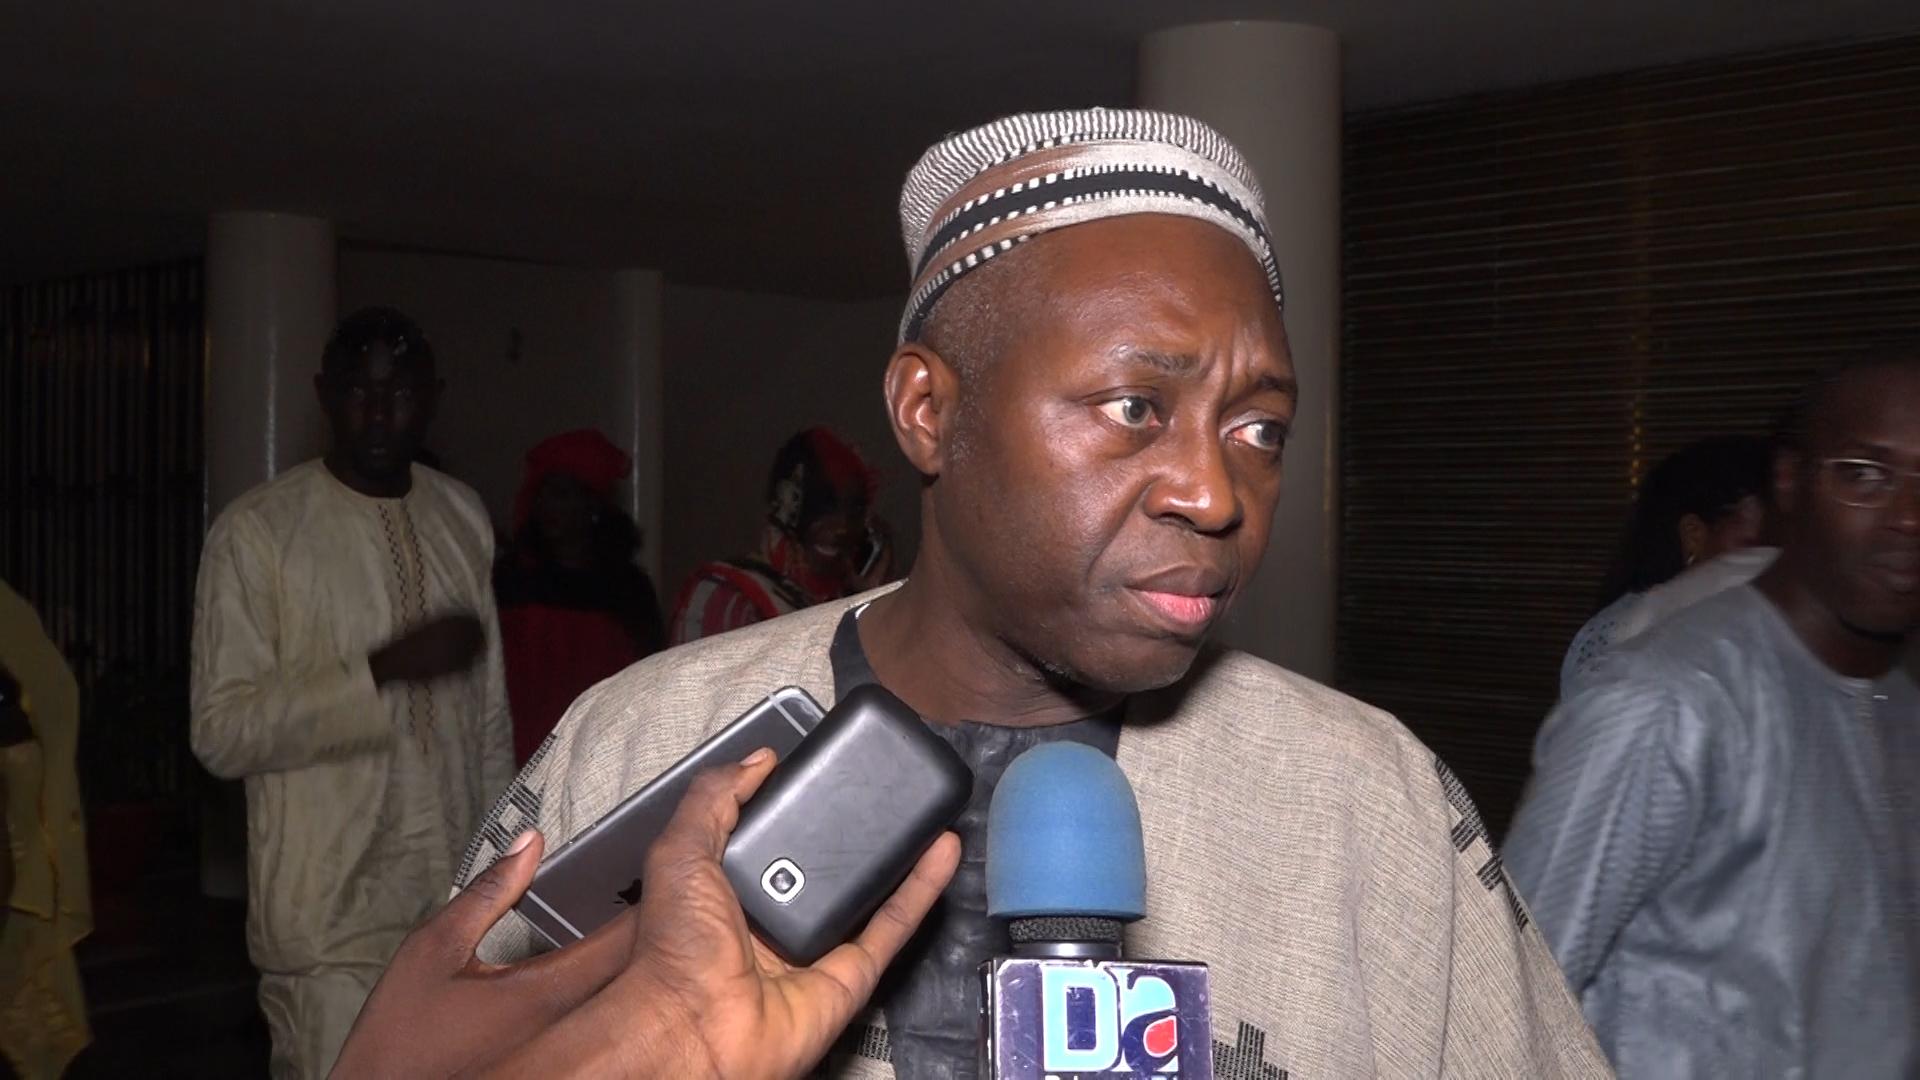 Meurtre du 1er coordinateur de Tekki ? : Mamadou Lamine Diallo réclame justice pour Moussa Ndiaye